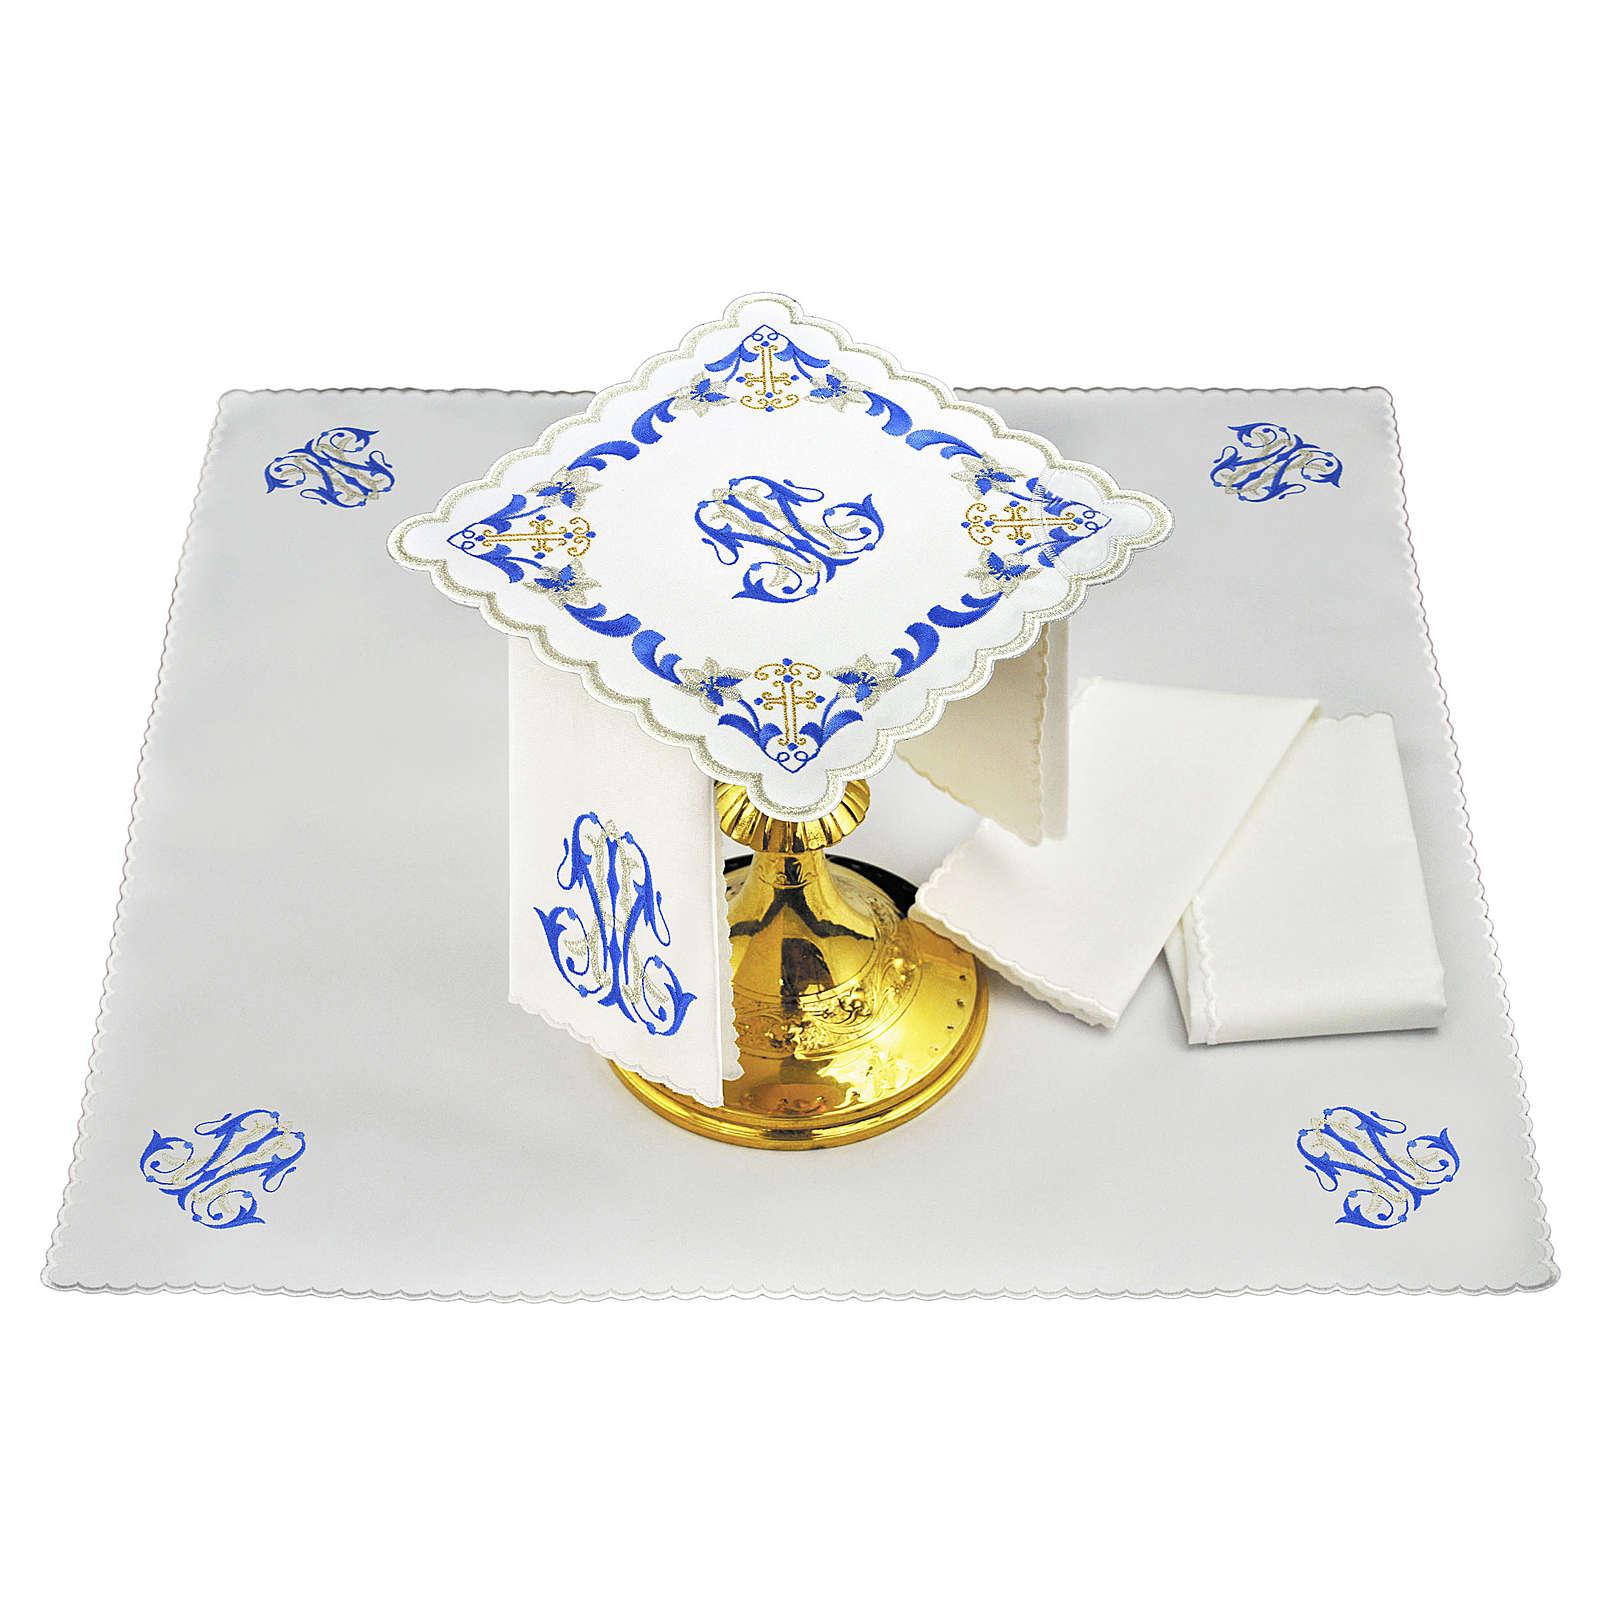 Servizio da altare lino ricamo grigio blu Santissimo Nome di Maria 4